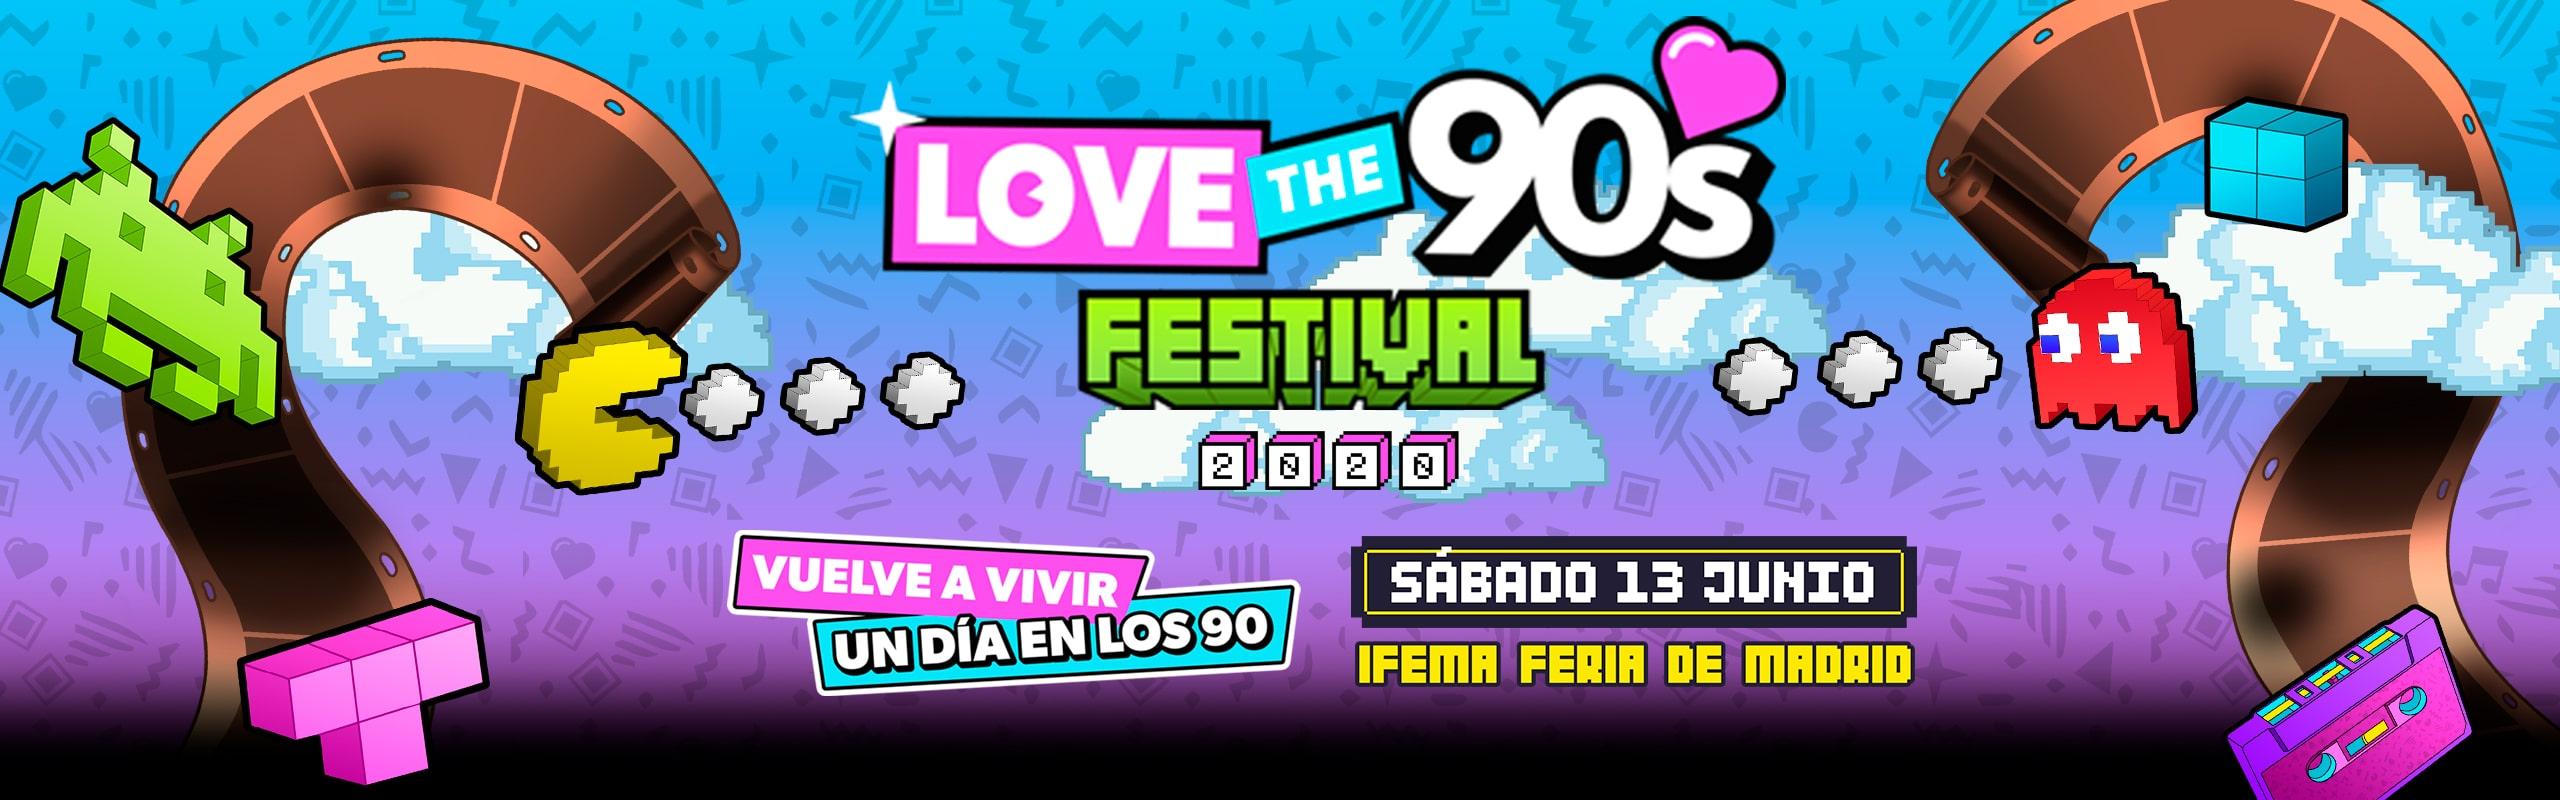 Love-the-90s-Vuelve-a-vivir-un-dia-en-los-90-desktop